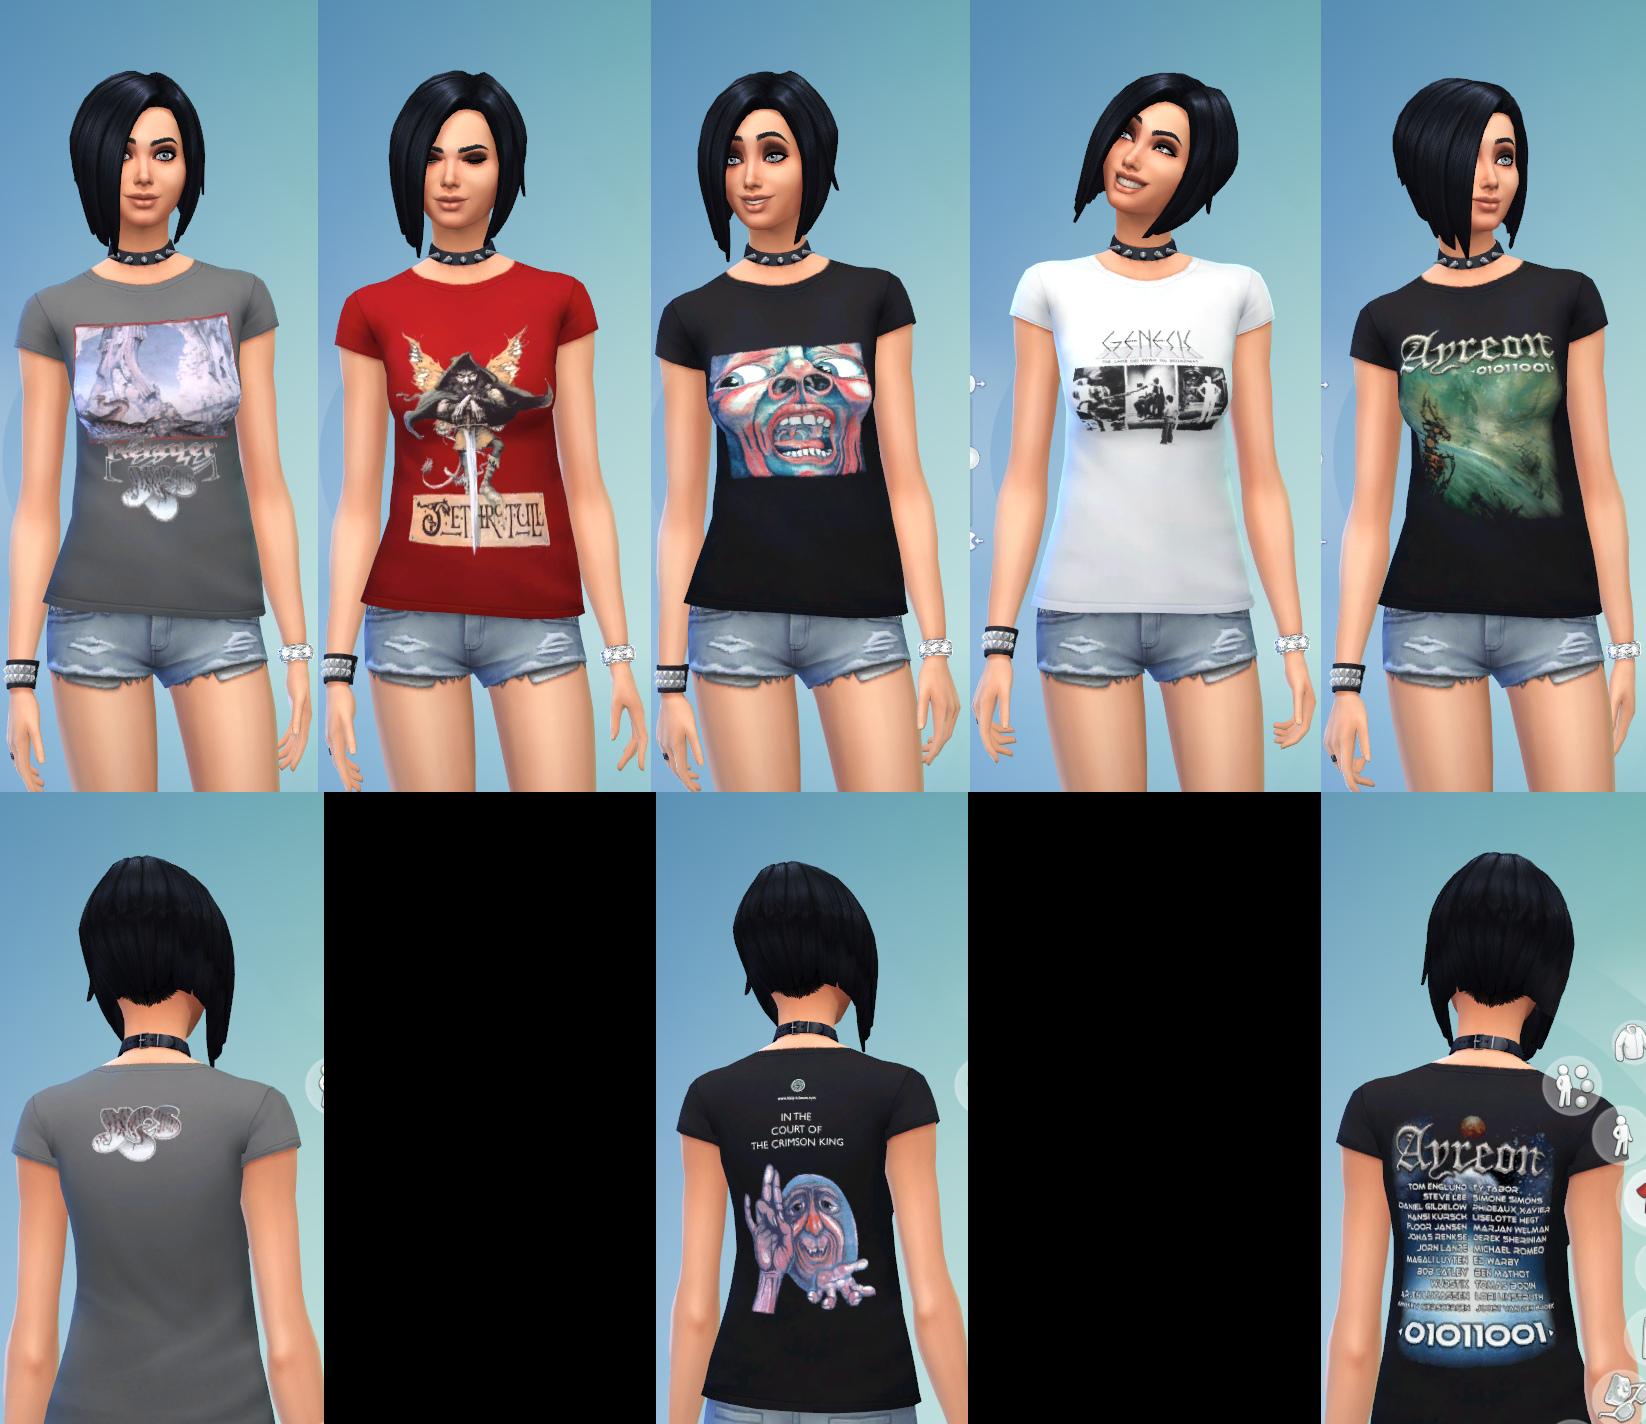 Sims 4 Cc Shirts Rldm